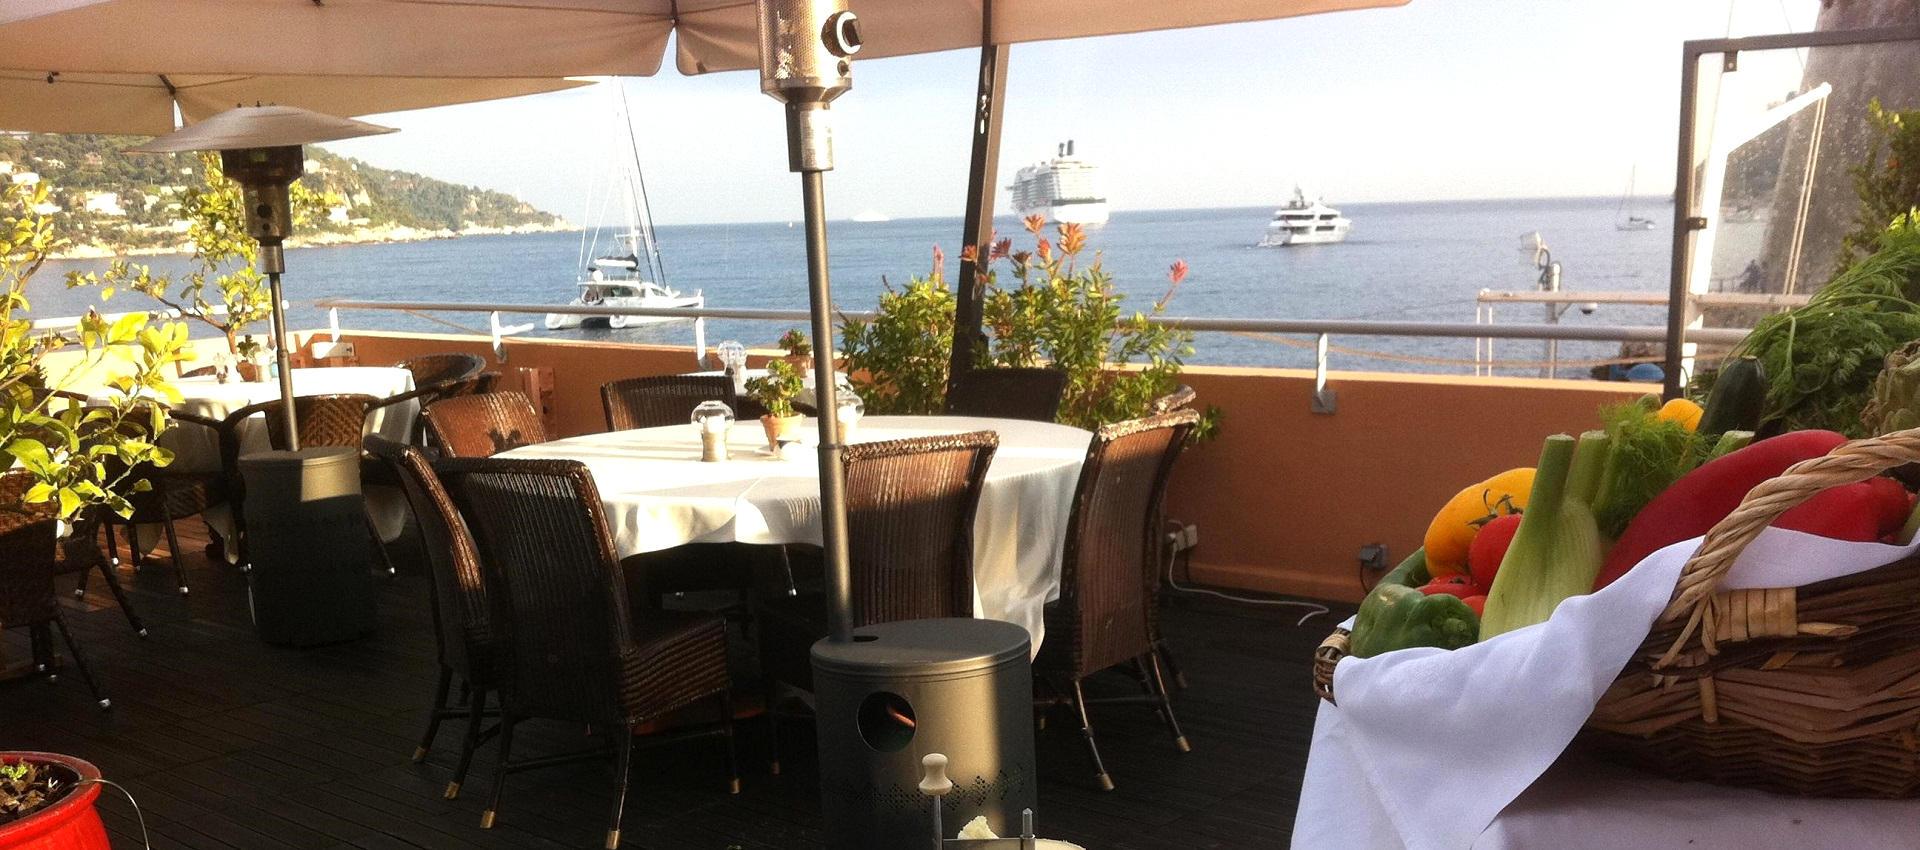 restaurant Mayssa - Villefranche/Mer